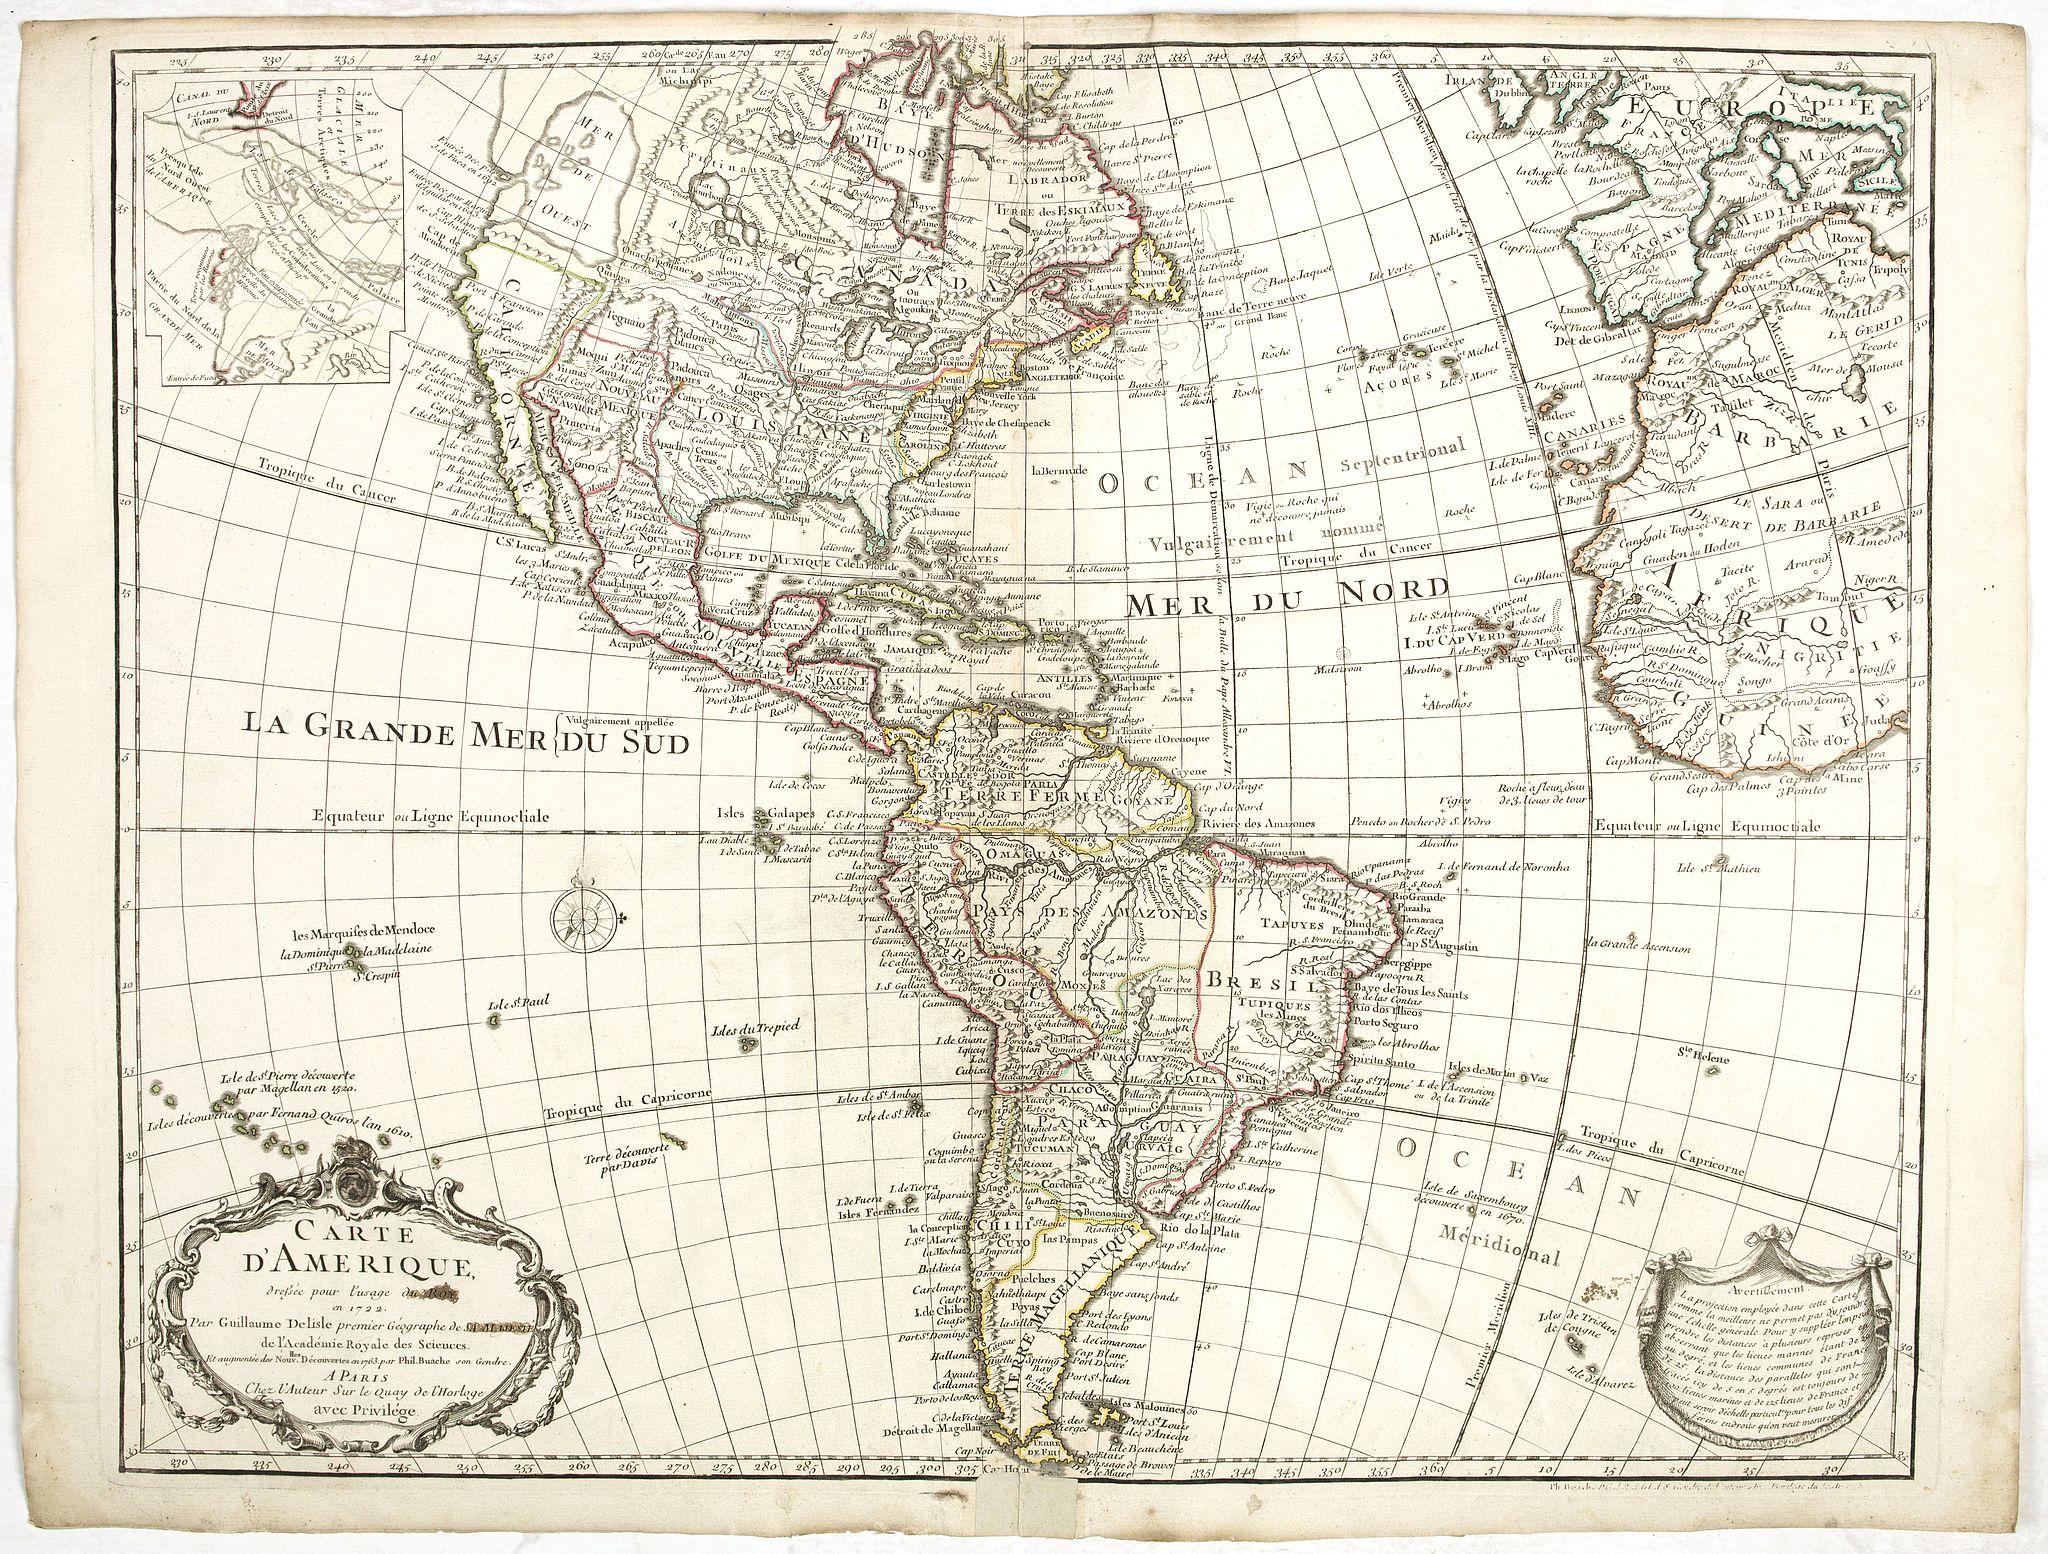 De L'ISLE/ BUACHE,Ph. -  Carte d'Amerique . . .